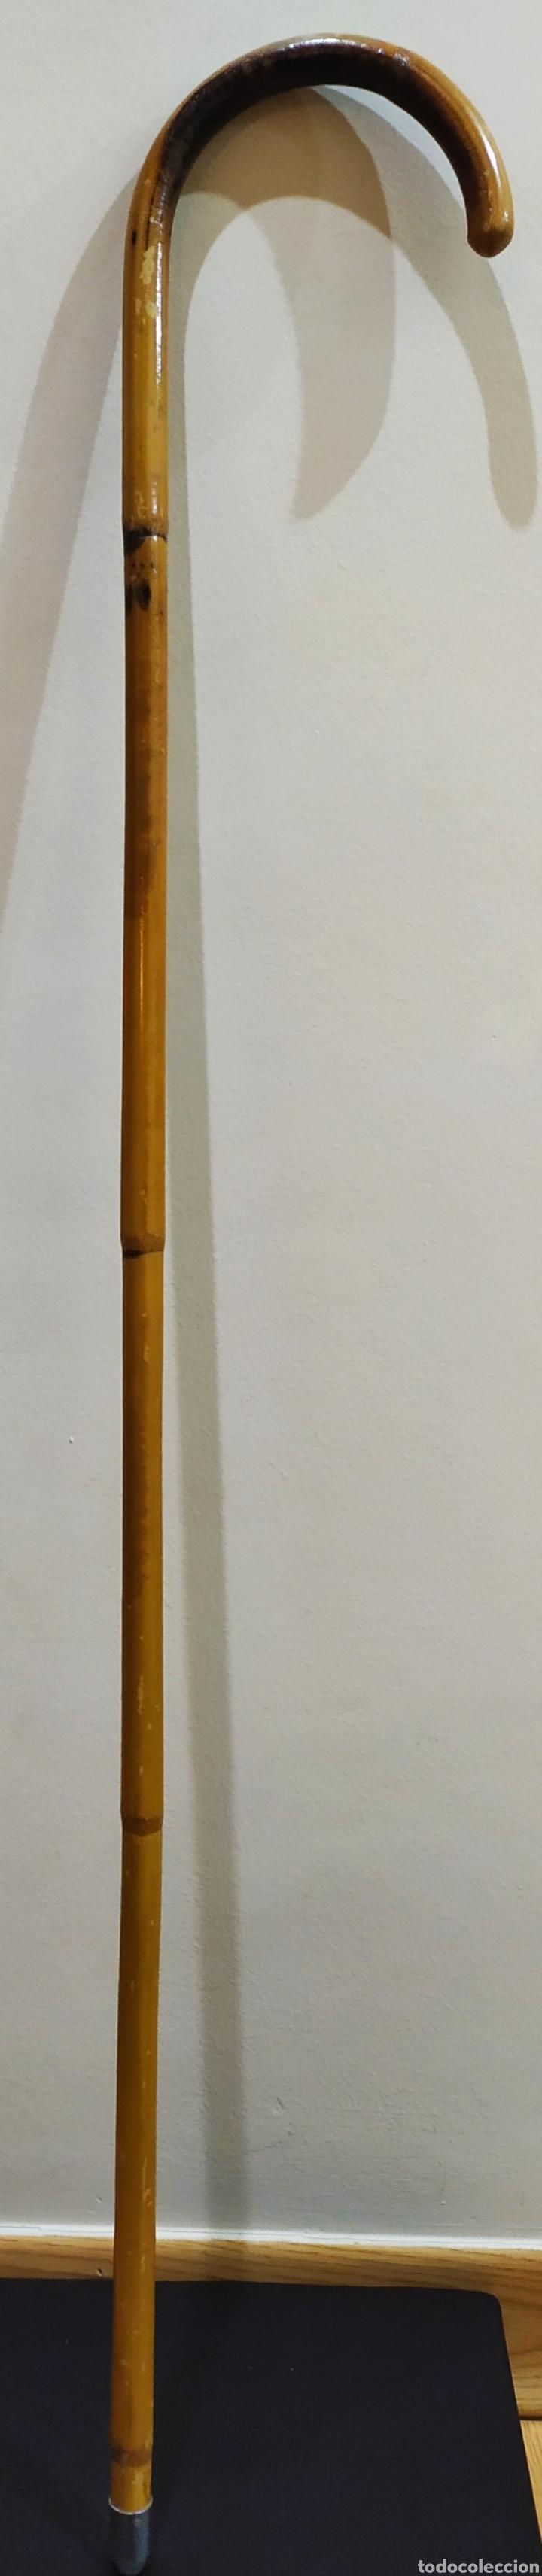 Antigüedades: Bastón/Garrote/Vara/Garrota curva de caña de Bambú. - Foto 15 - 230945355